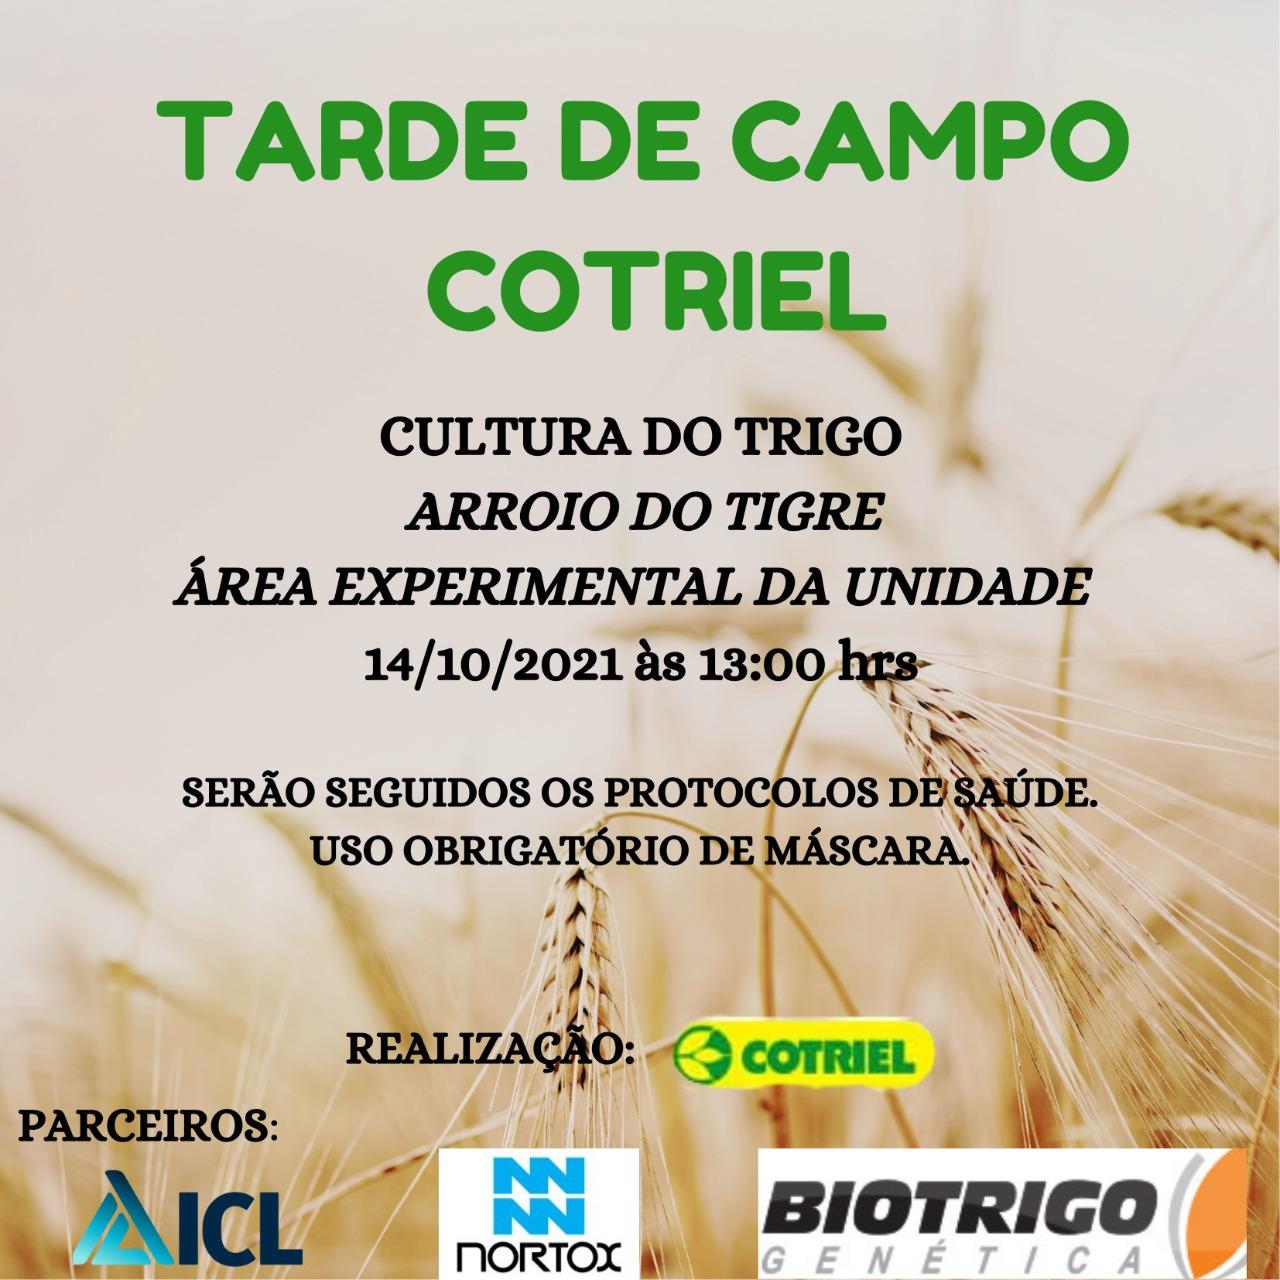 Cotriel realiza tarde de campo sobre trigo em Arroio do Tigre